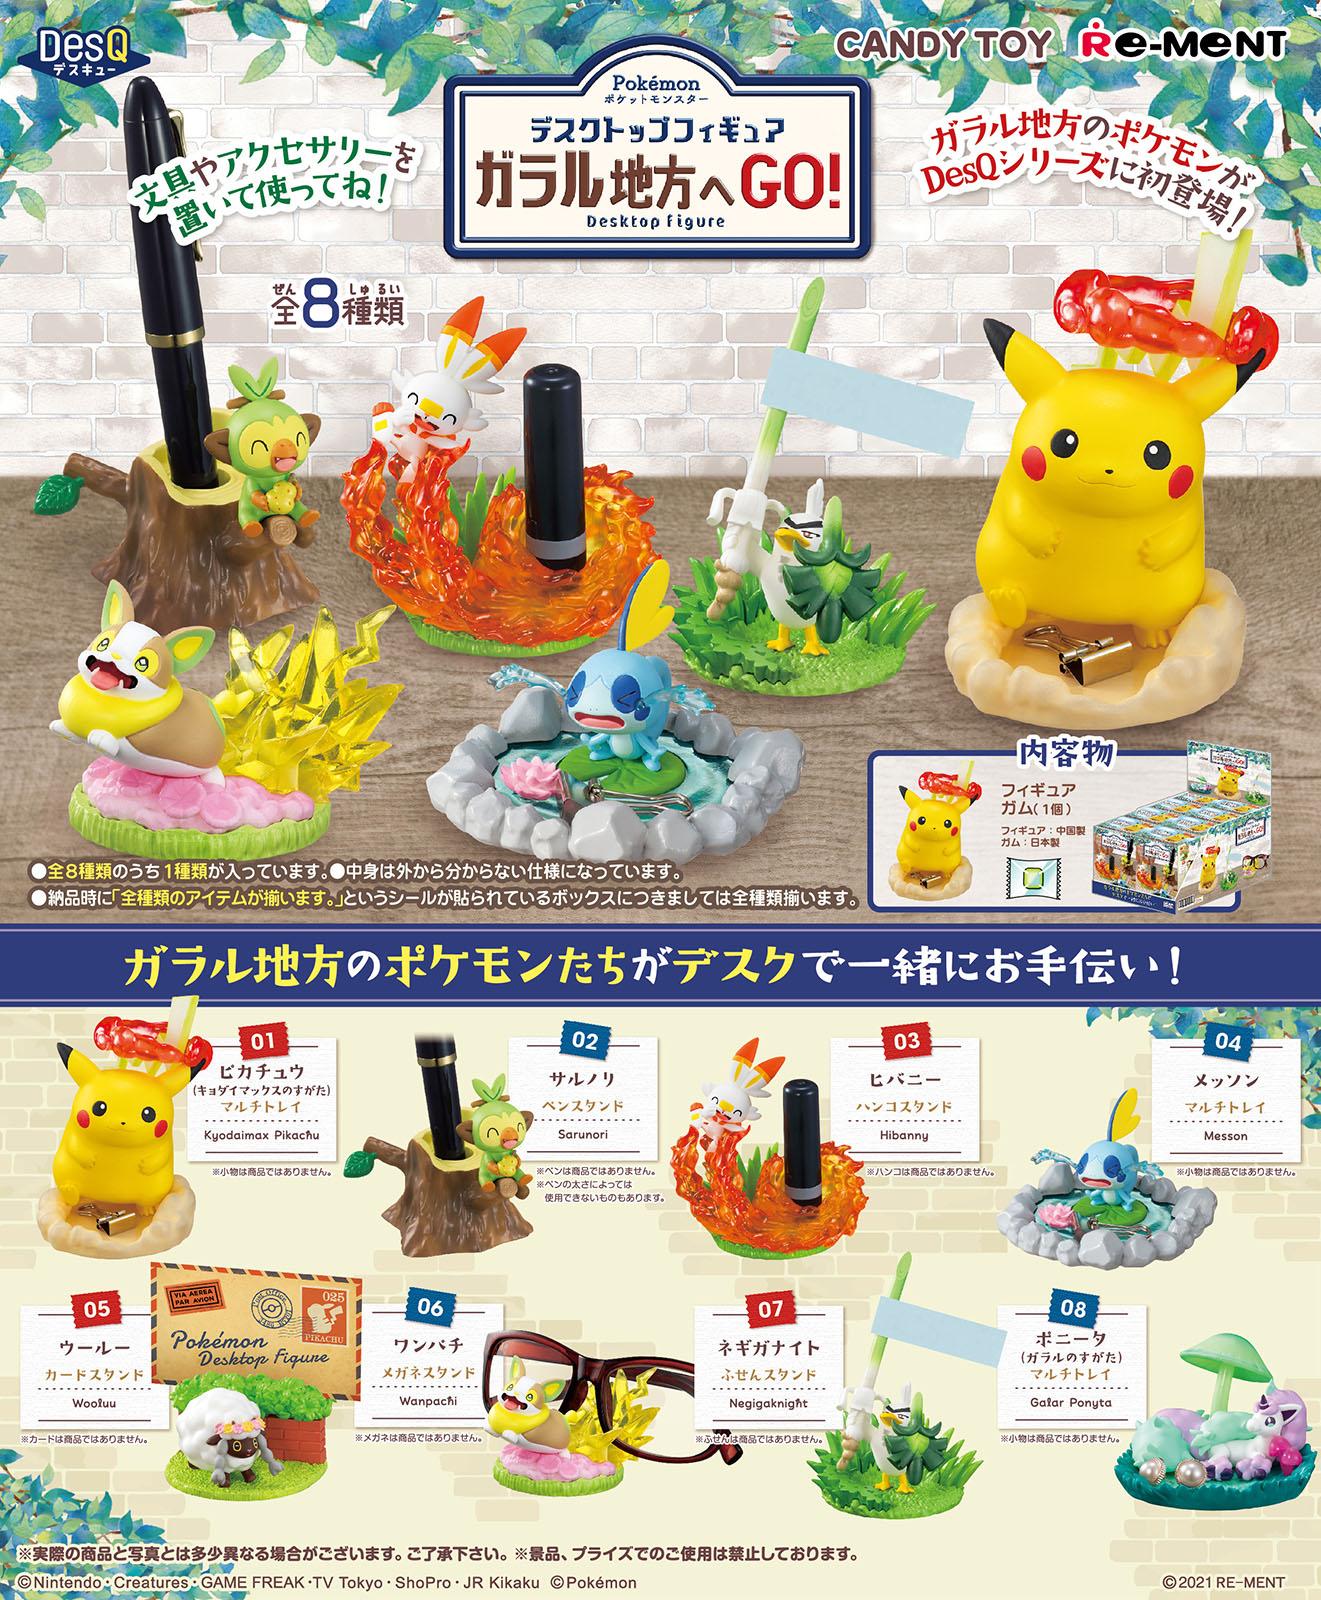 ポケットモンスター『Pokemon DesQ デスクトップフィギュア ガラル地方へGO!』8個入りBOX-001